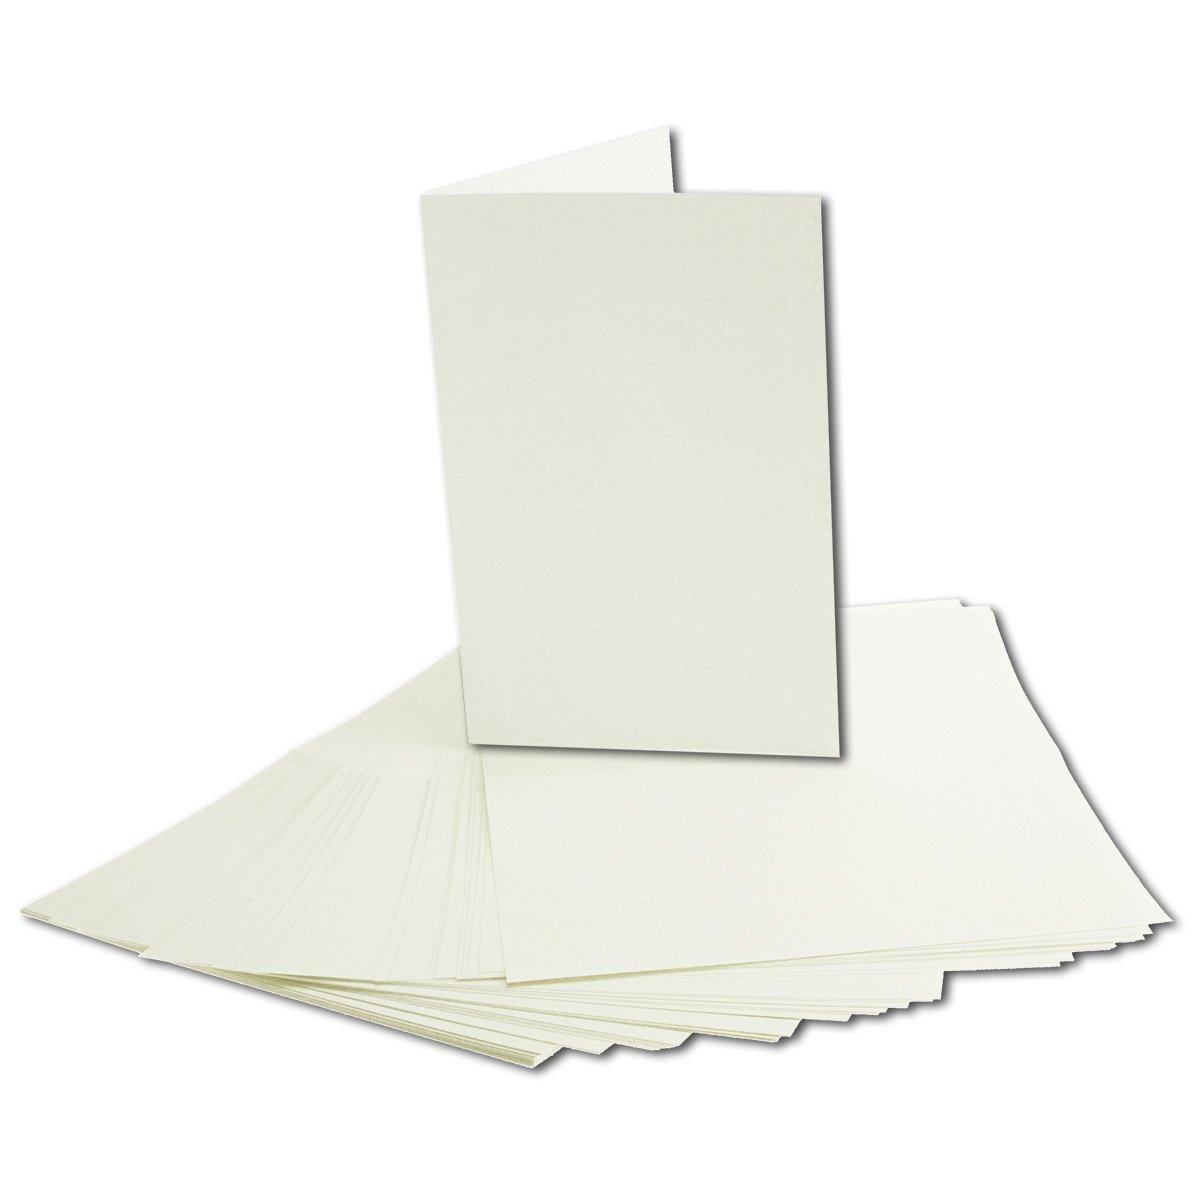 200x faltbares Einlege-Papier für B6 Doppelkarten     transparent-weiß   163 x 224 mm (112 x 163 mm gefaltet)   ideal zum Bedrucken mit Tinte und Laser   hochwertig mattes Papier von GUSTAV NEUSER® B07CK526T9 | Shopping Online  0a2214